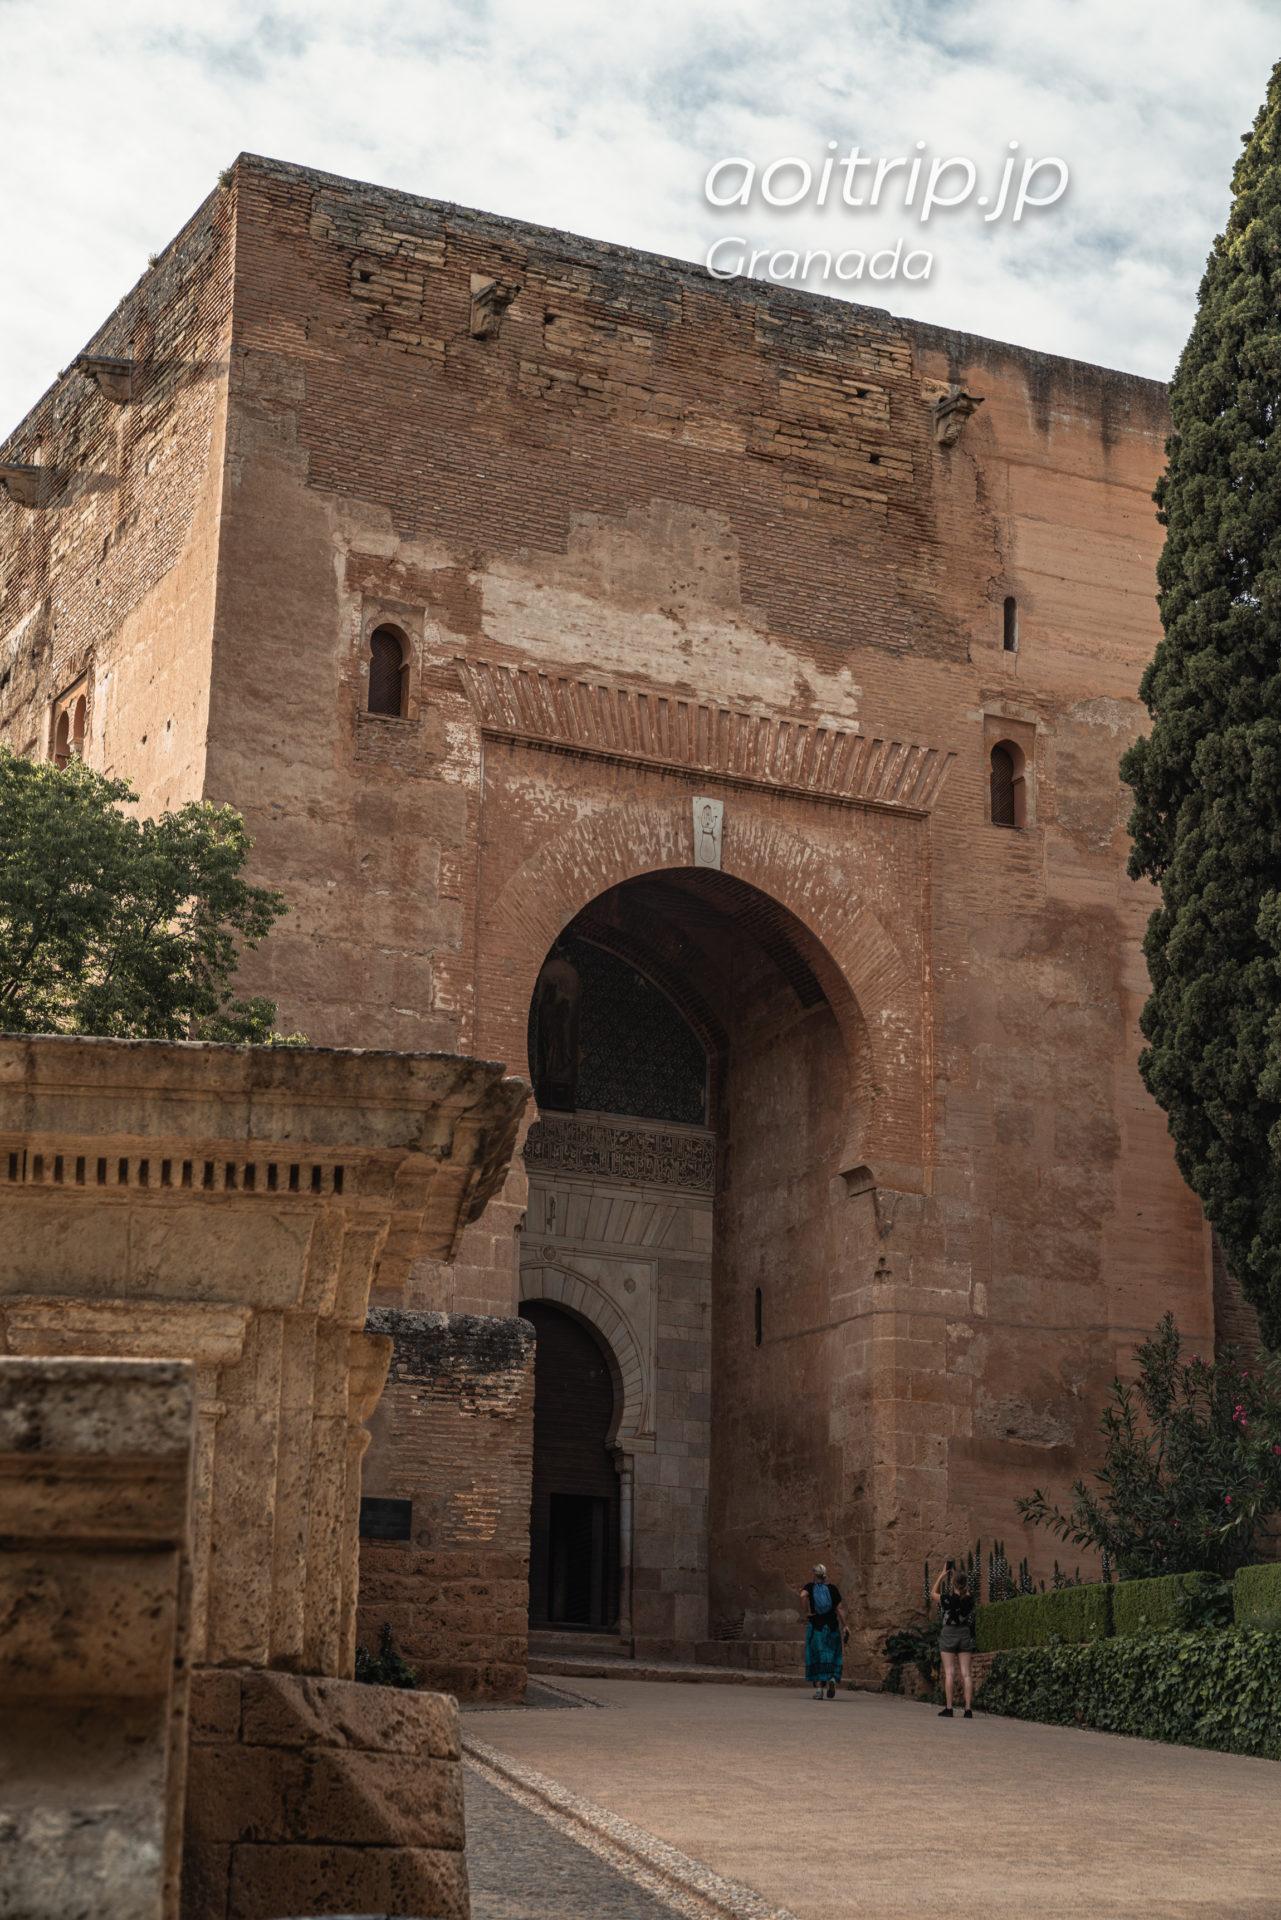 裁きの門 Puerta de la Justicia